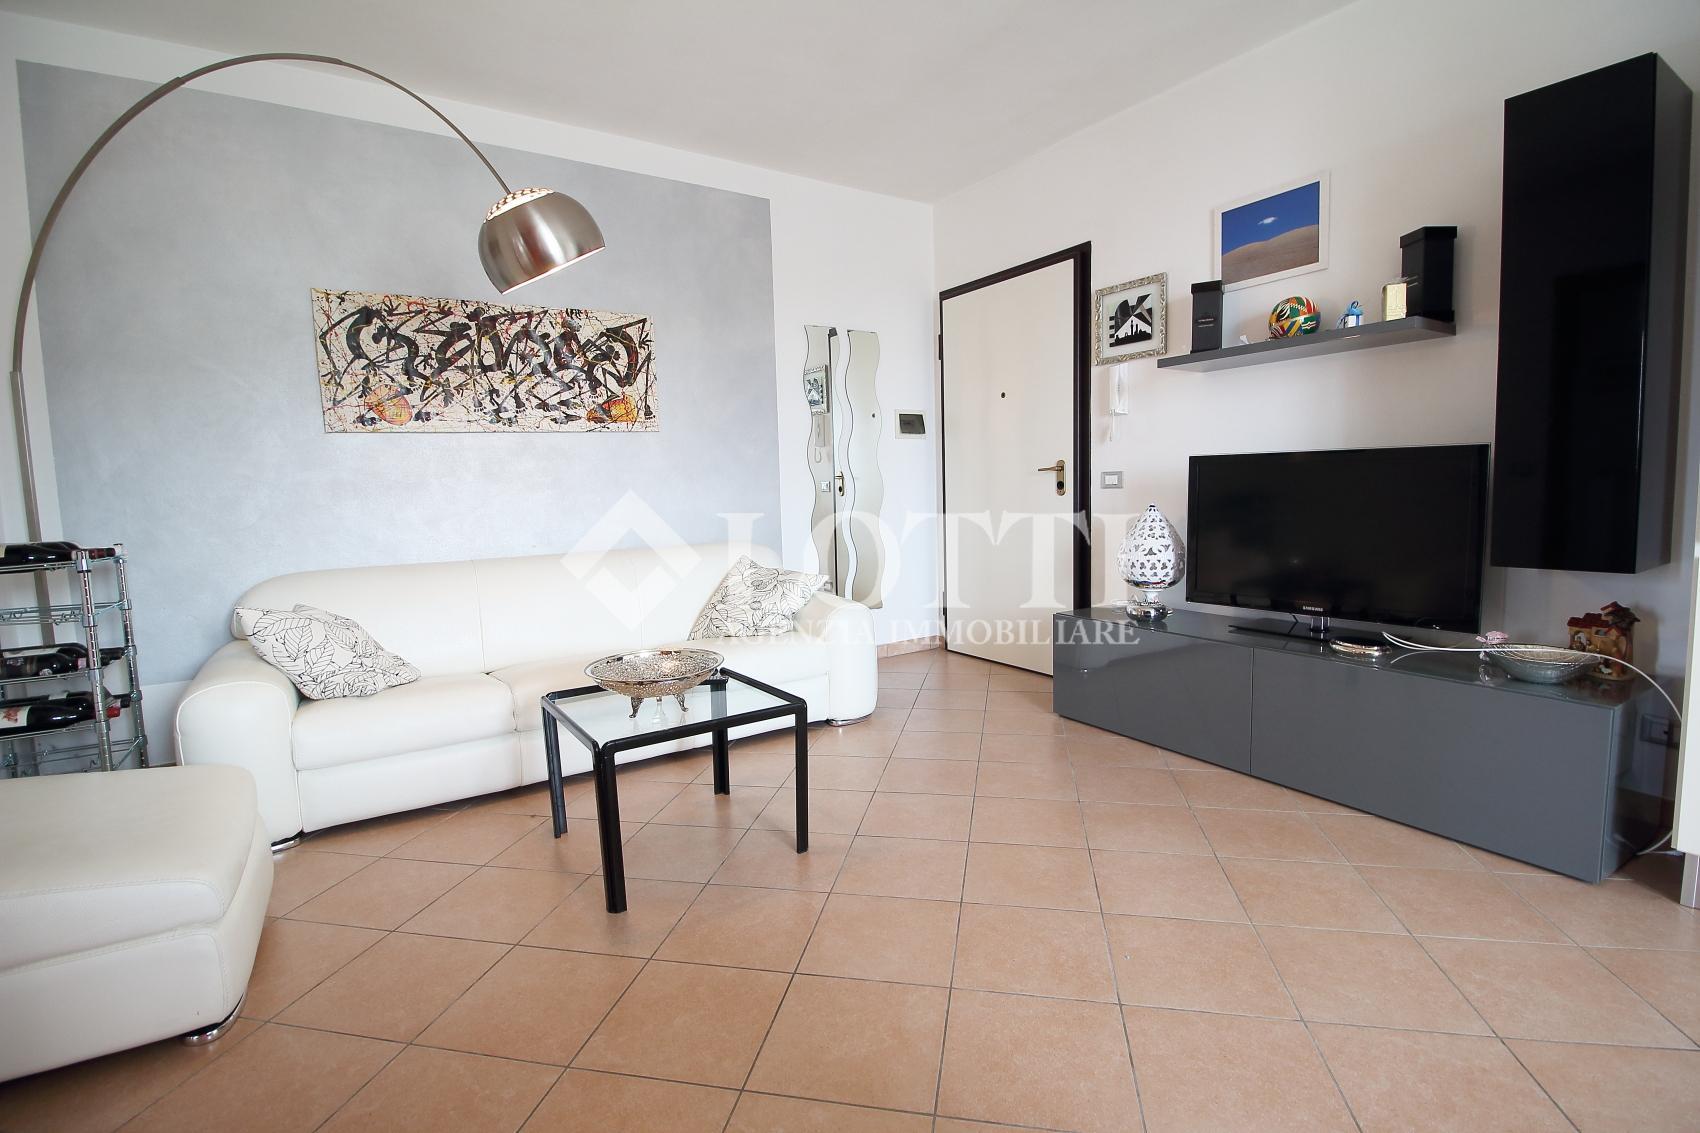 Appartamento in vendita, rif. 577